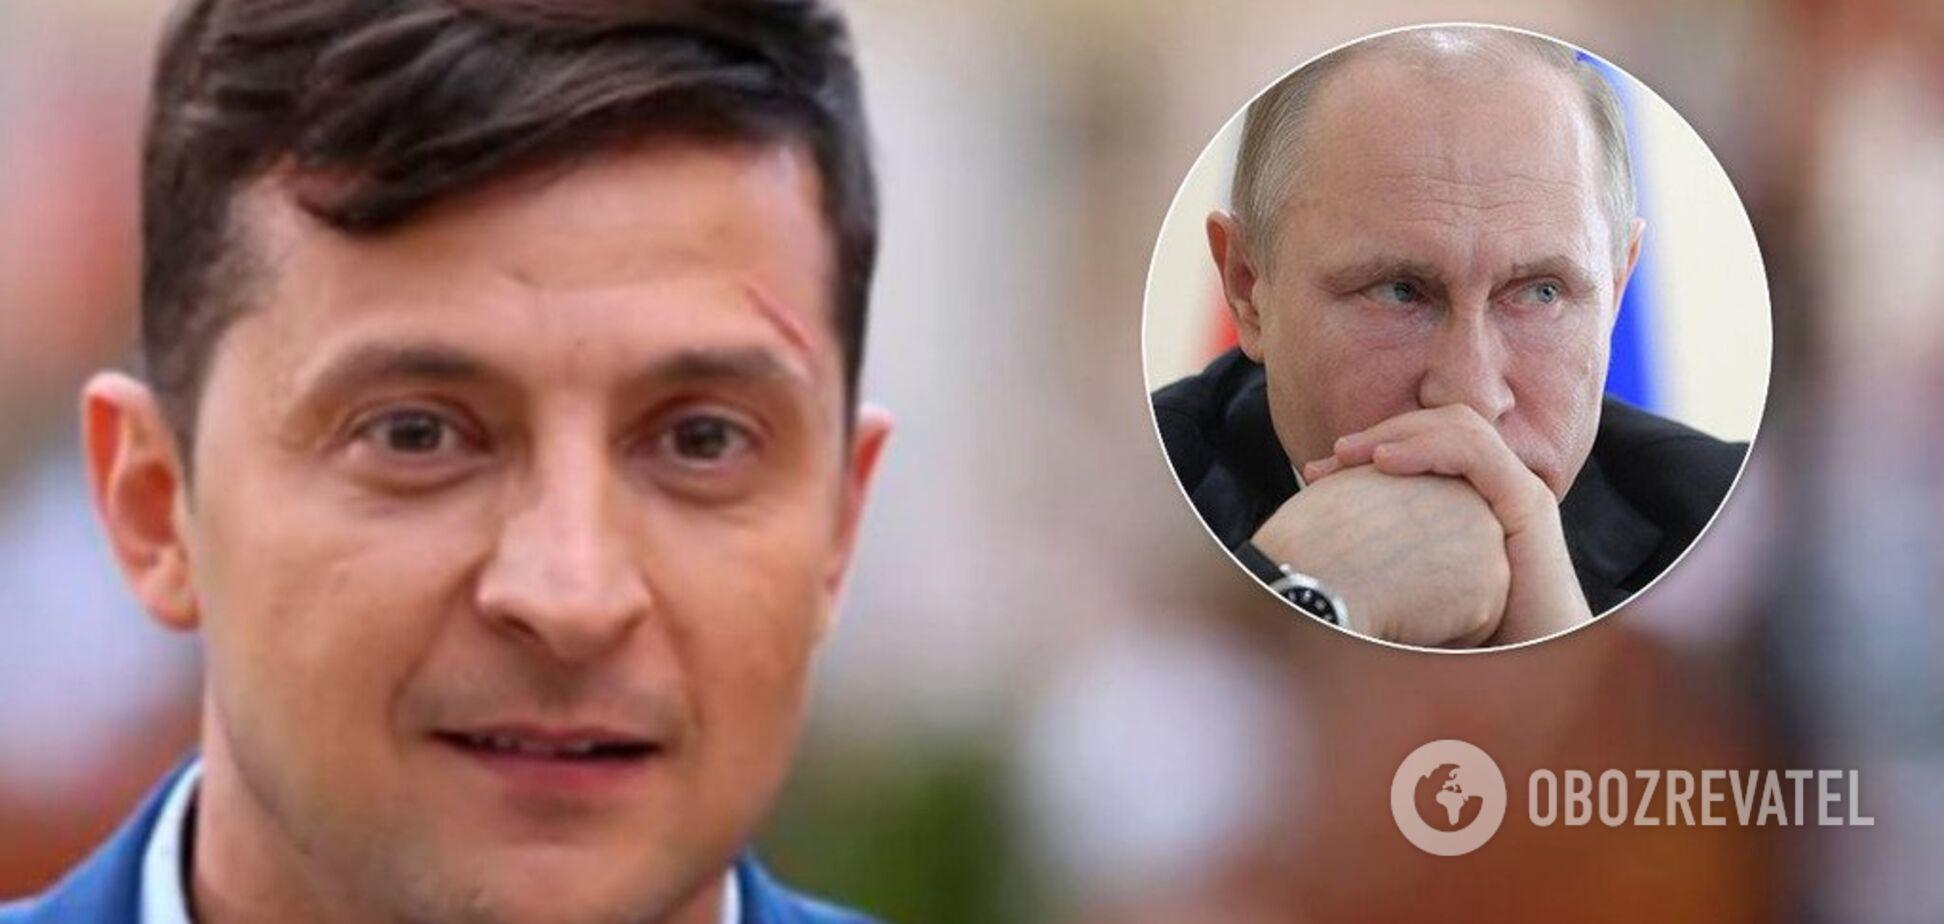 Ждут инаугурации: у Путина высказались о возможной встрече с Зеленским